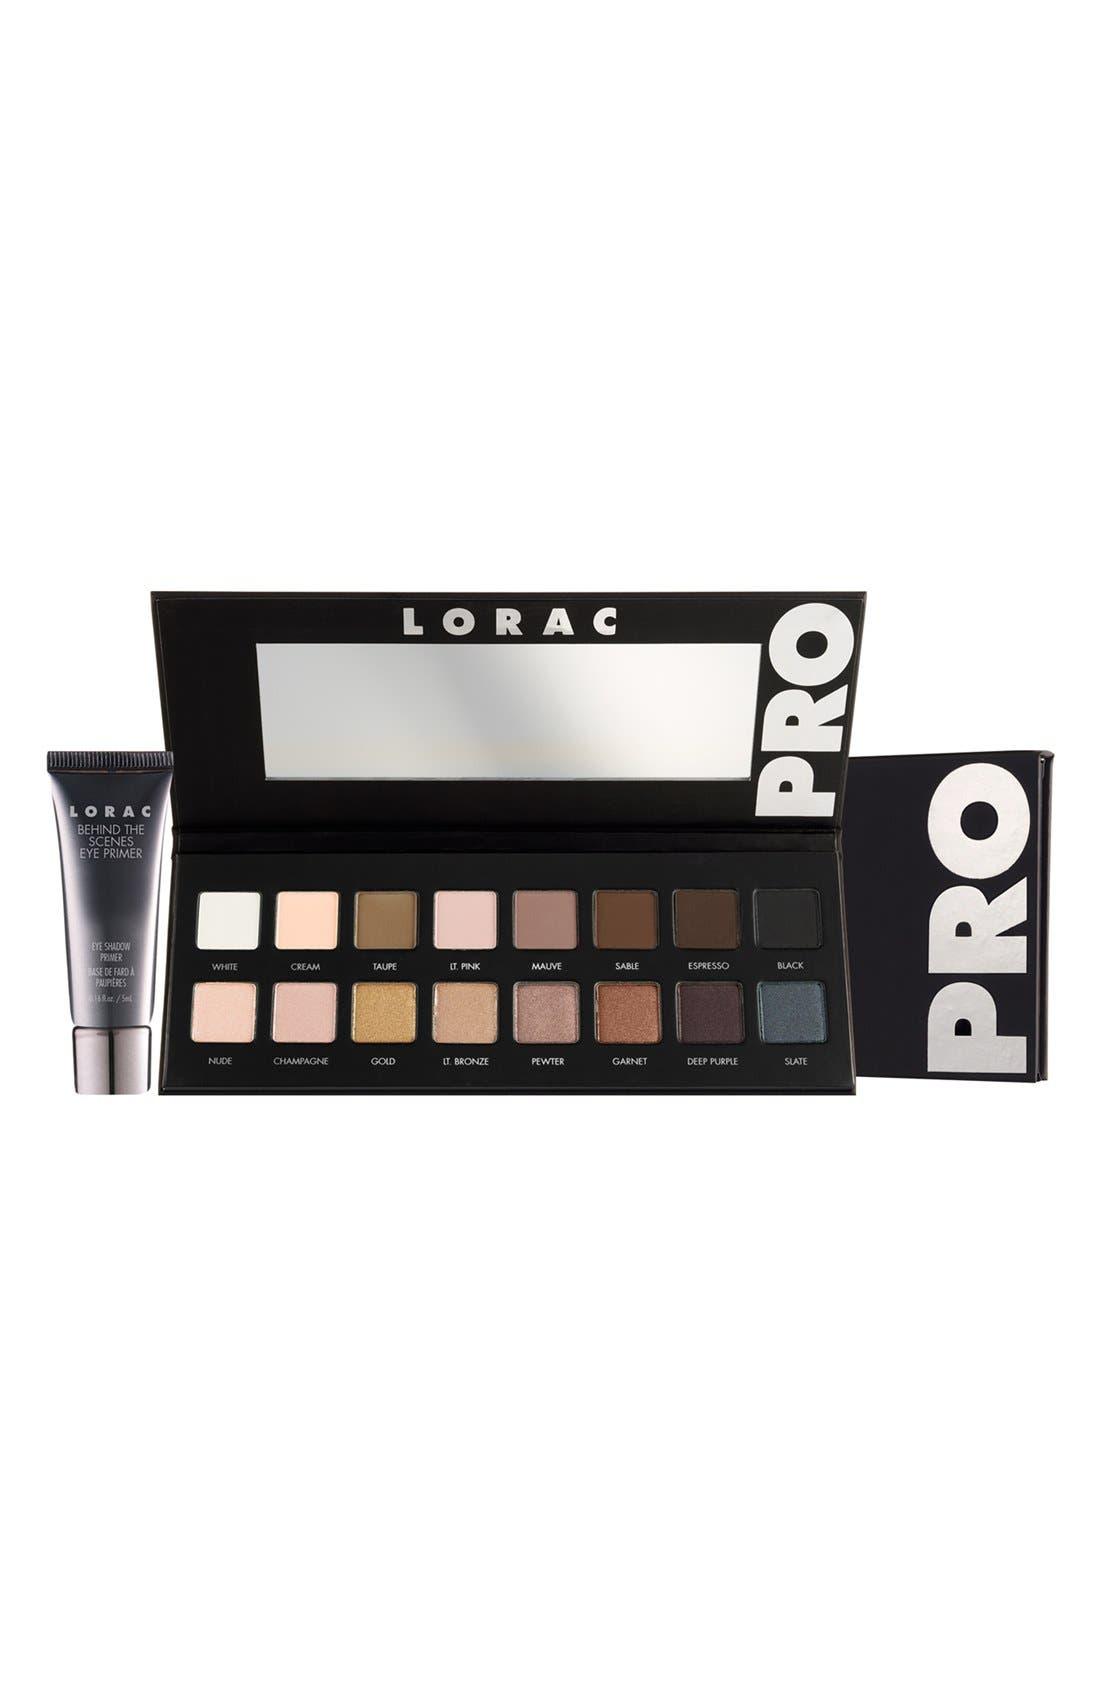 LORAC 'PRO' Palette ($111 Value)